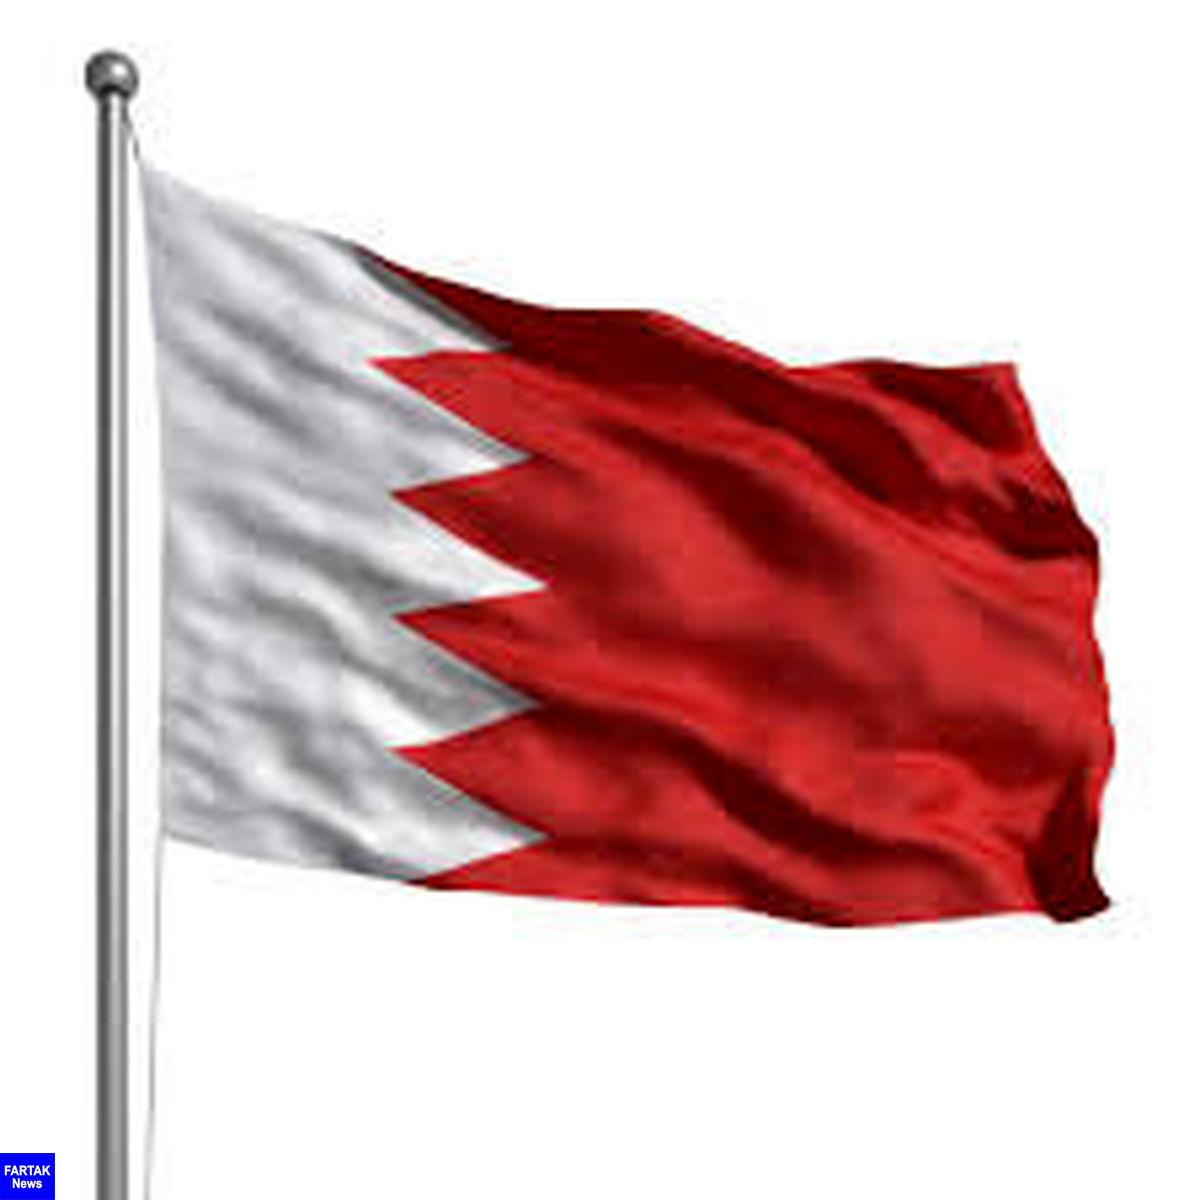 بحرین ورود ایرانی ها رو ممنوع کرد